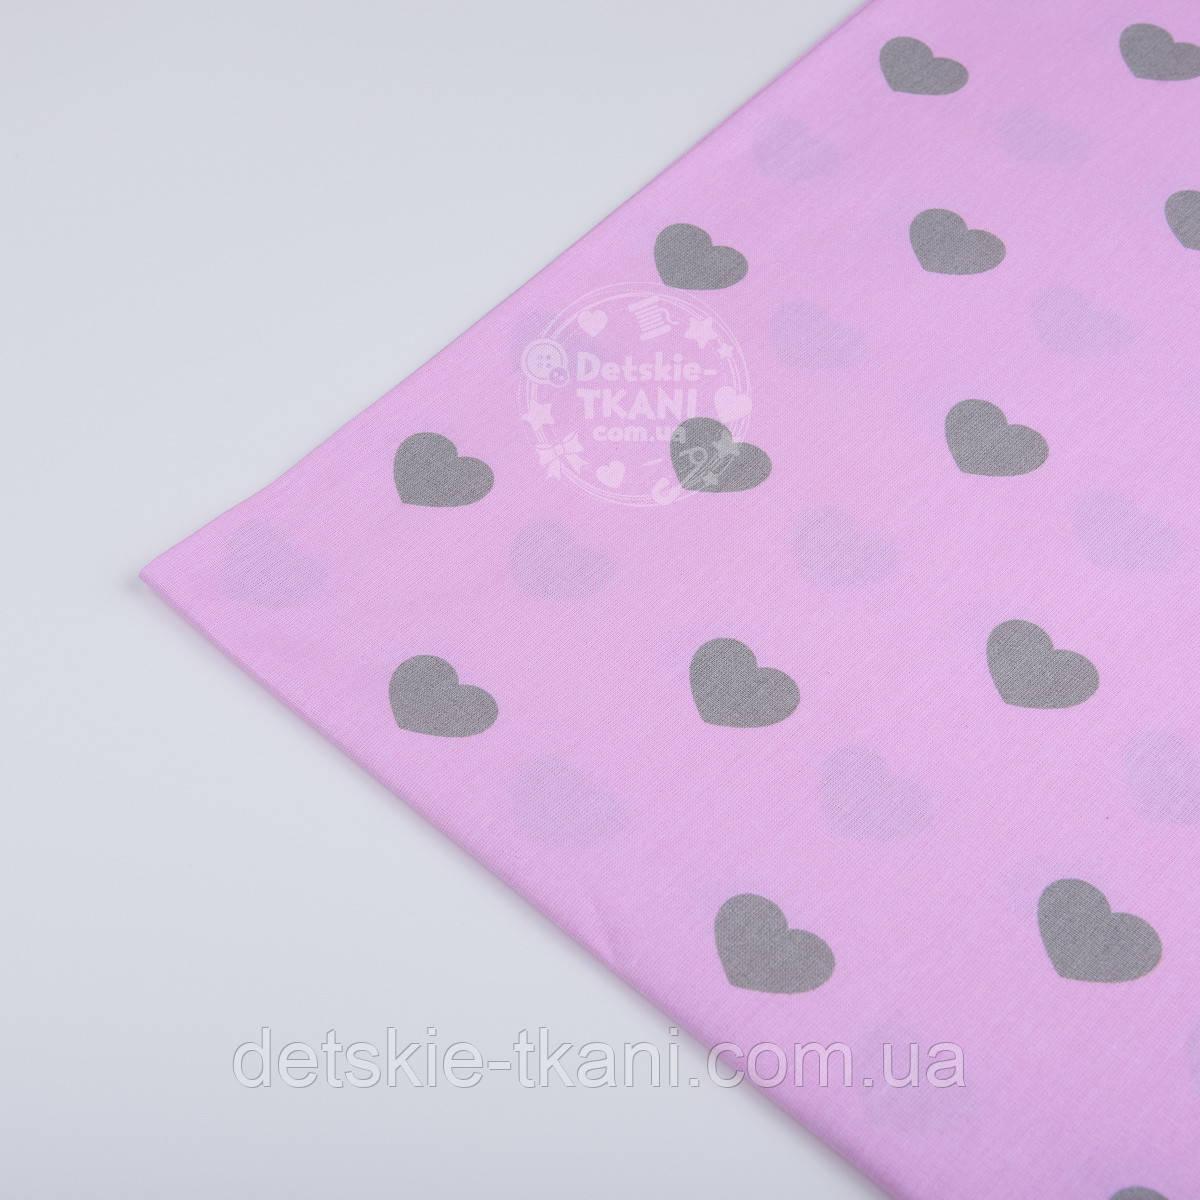 Клапоть тканини №403а з сірими сердечками на рожевому фоні, розмір 35*40 см